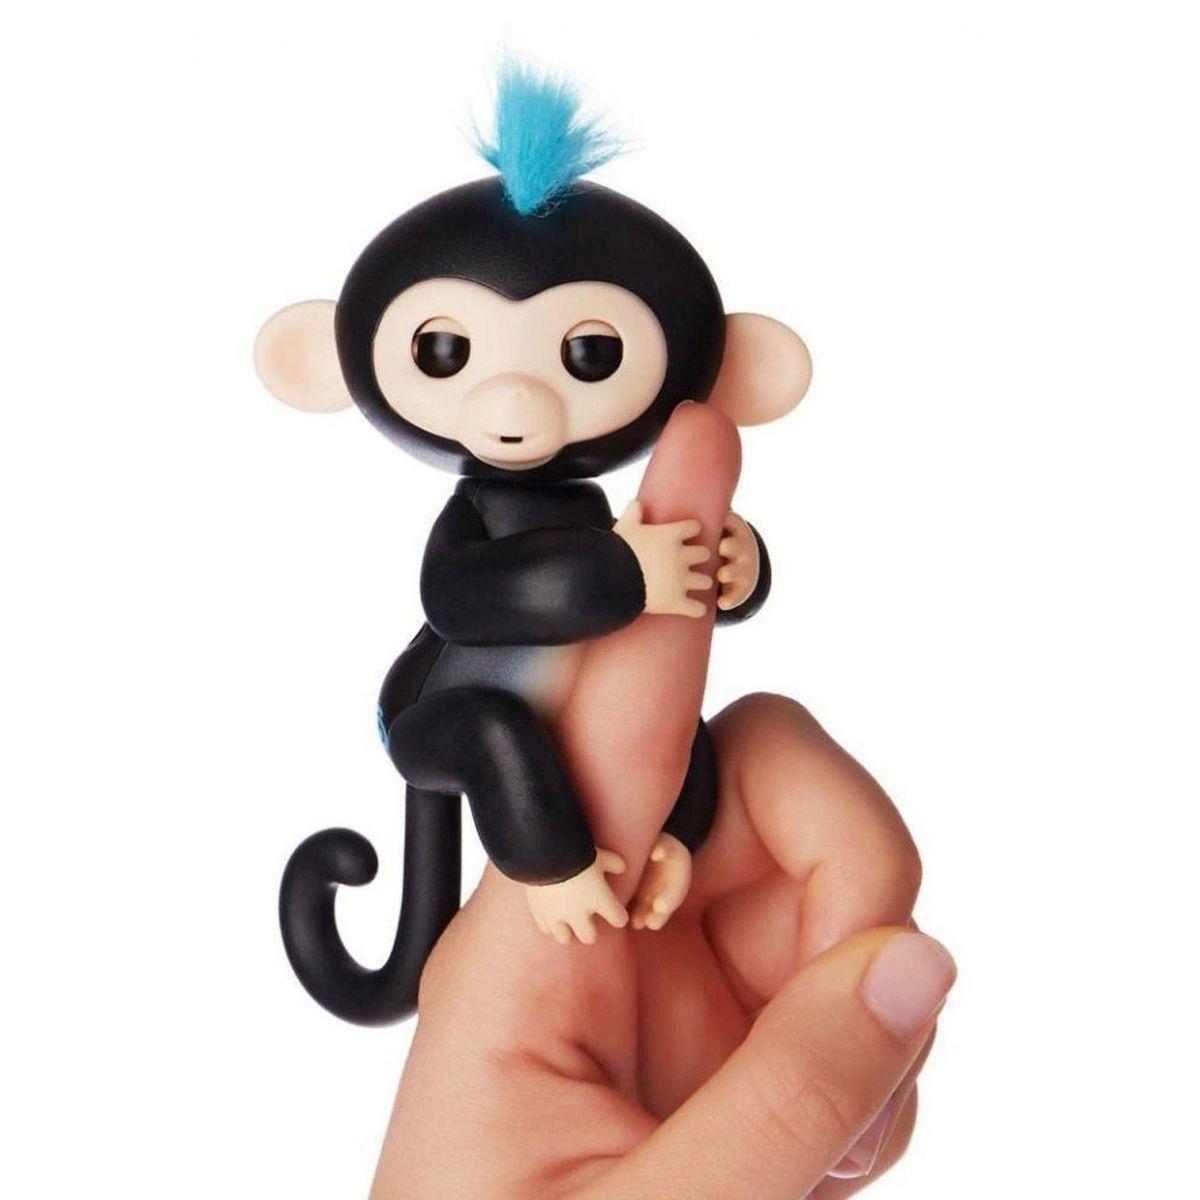 Fingerlings Opička Finn černá - Poškozený obal